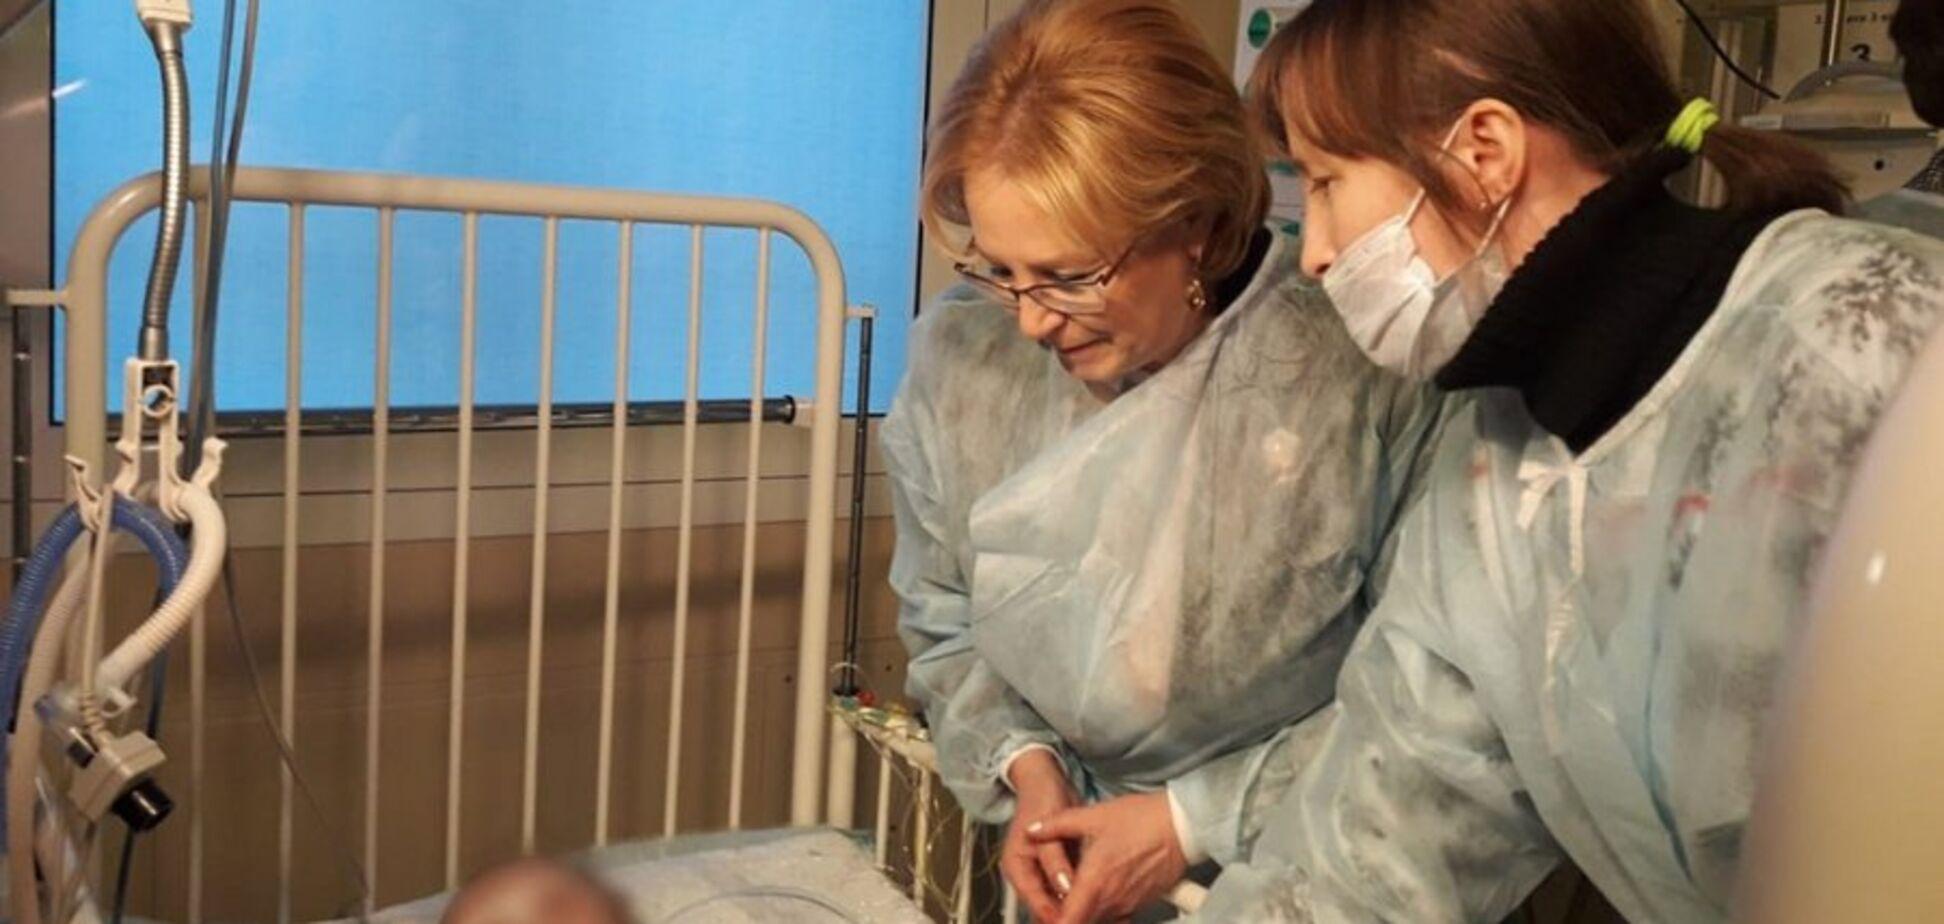 Рождественское чудо: спасенный из-под завалов в Магнитогорске малыш пришел в себя